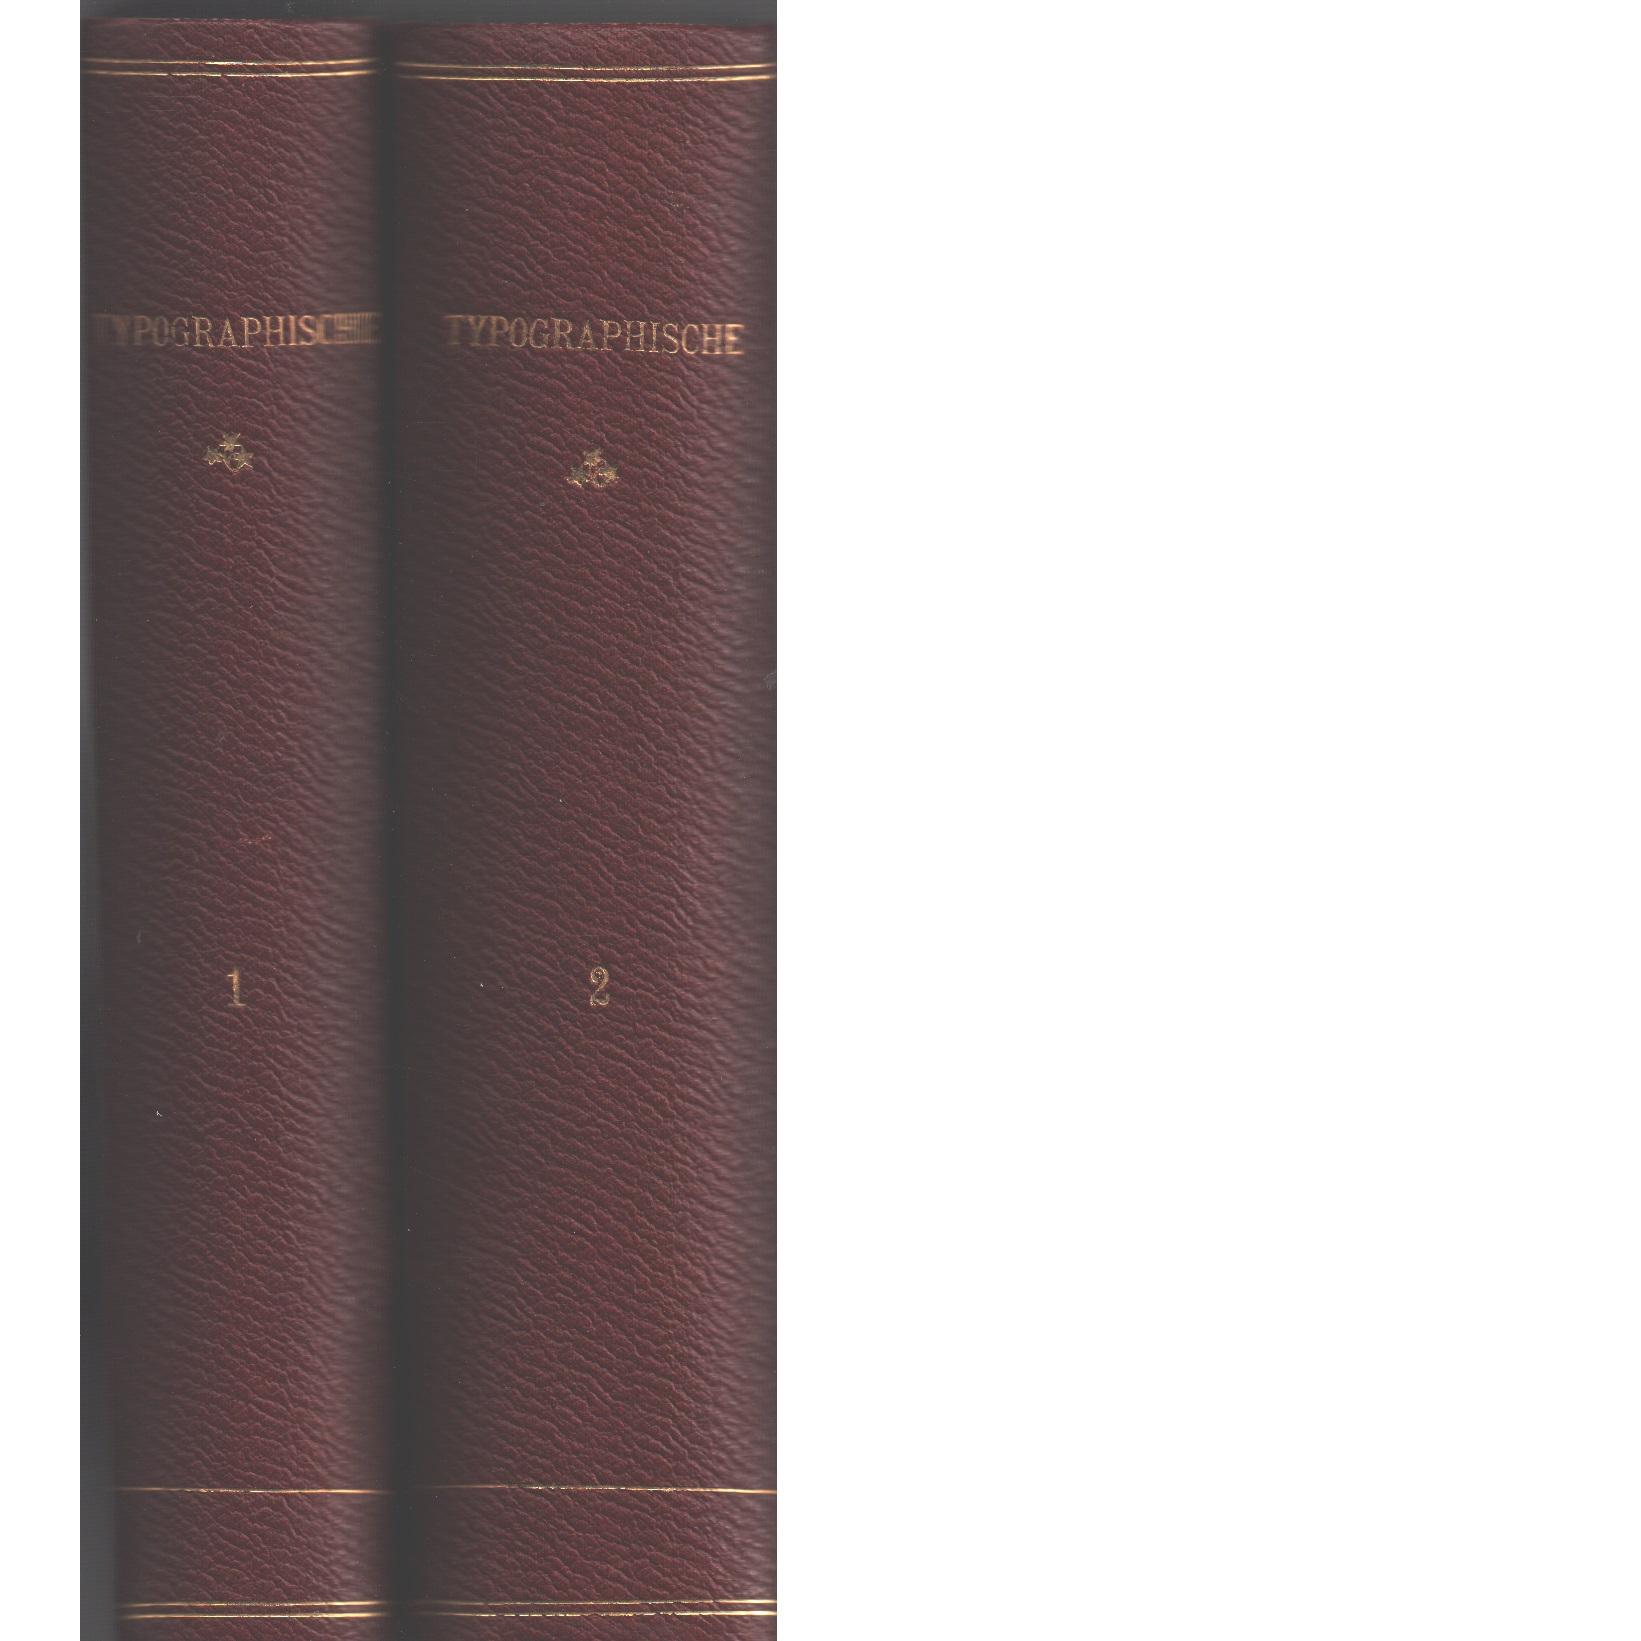 Typographische Jahrbücher 1913 heft 1-12 - Red.